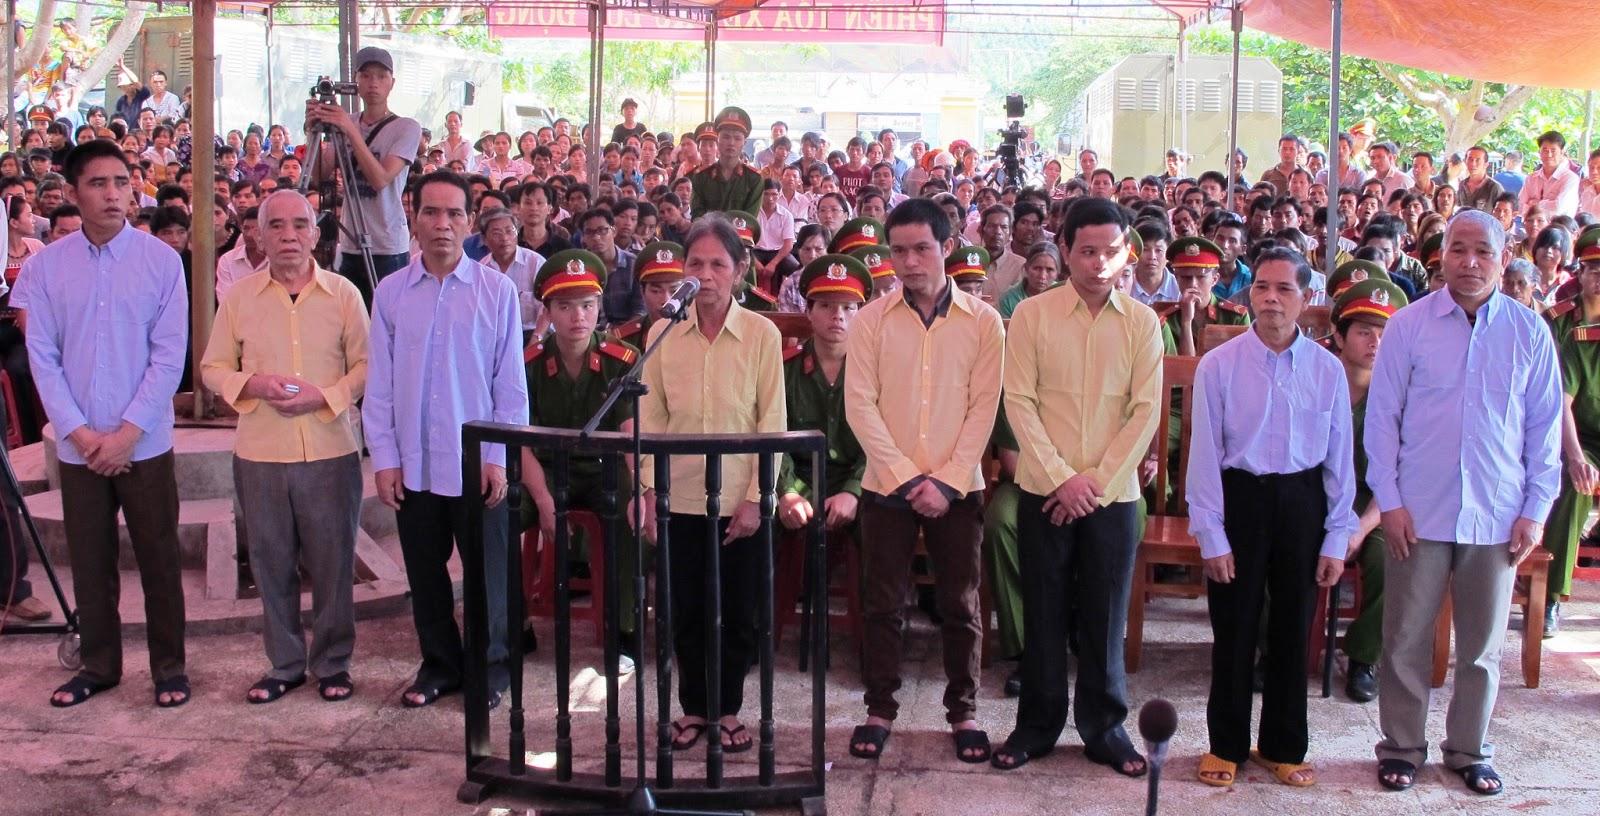 Tám tín hữu Thiên Chúa giáo bị kết án tù tại tòa án Gia Lai. Nguồn: tingialai.vn/